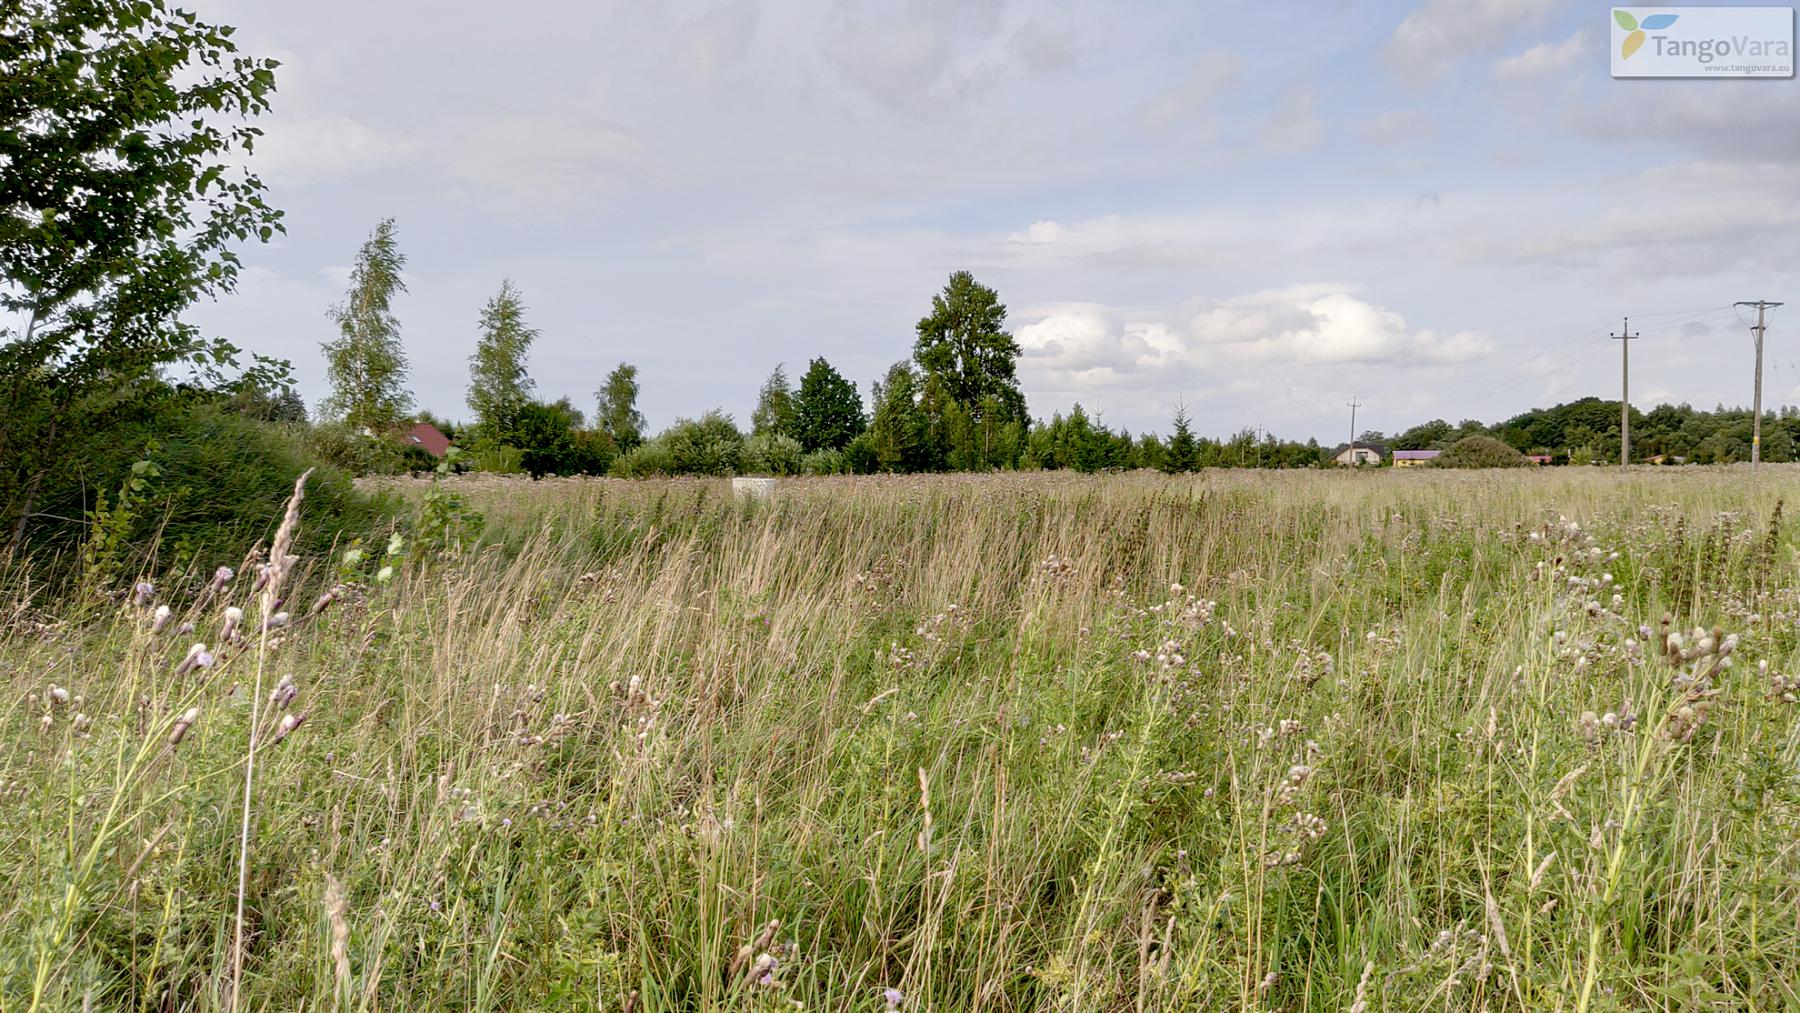 Nurme-raudrohu_Pärnumaa_ves-22